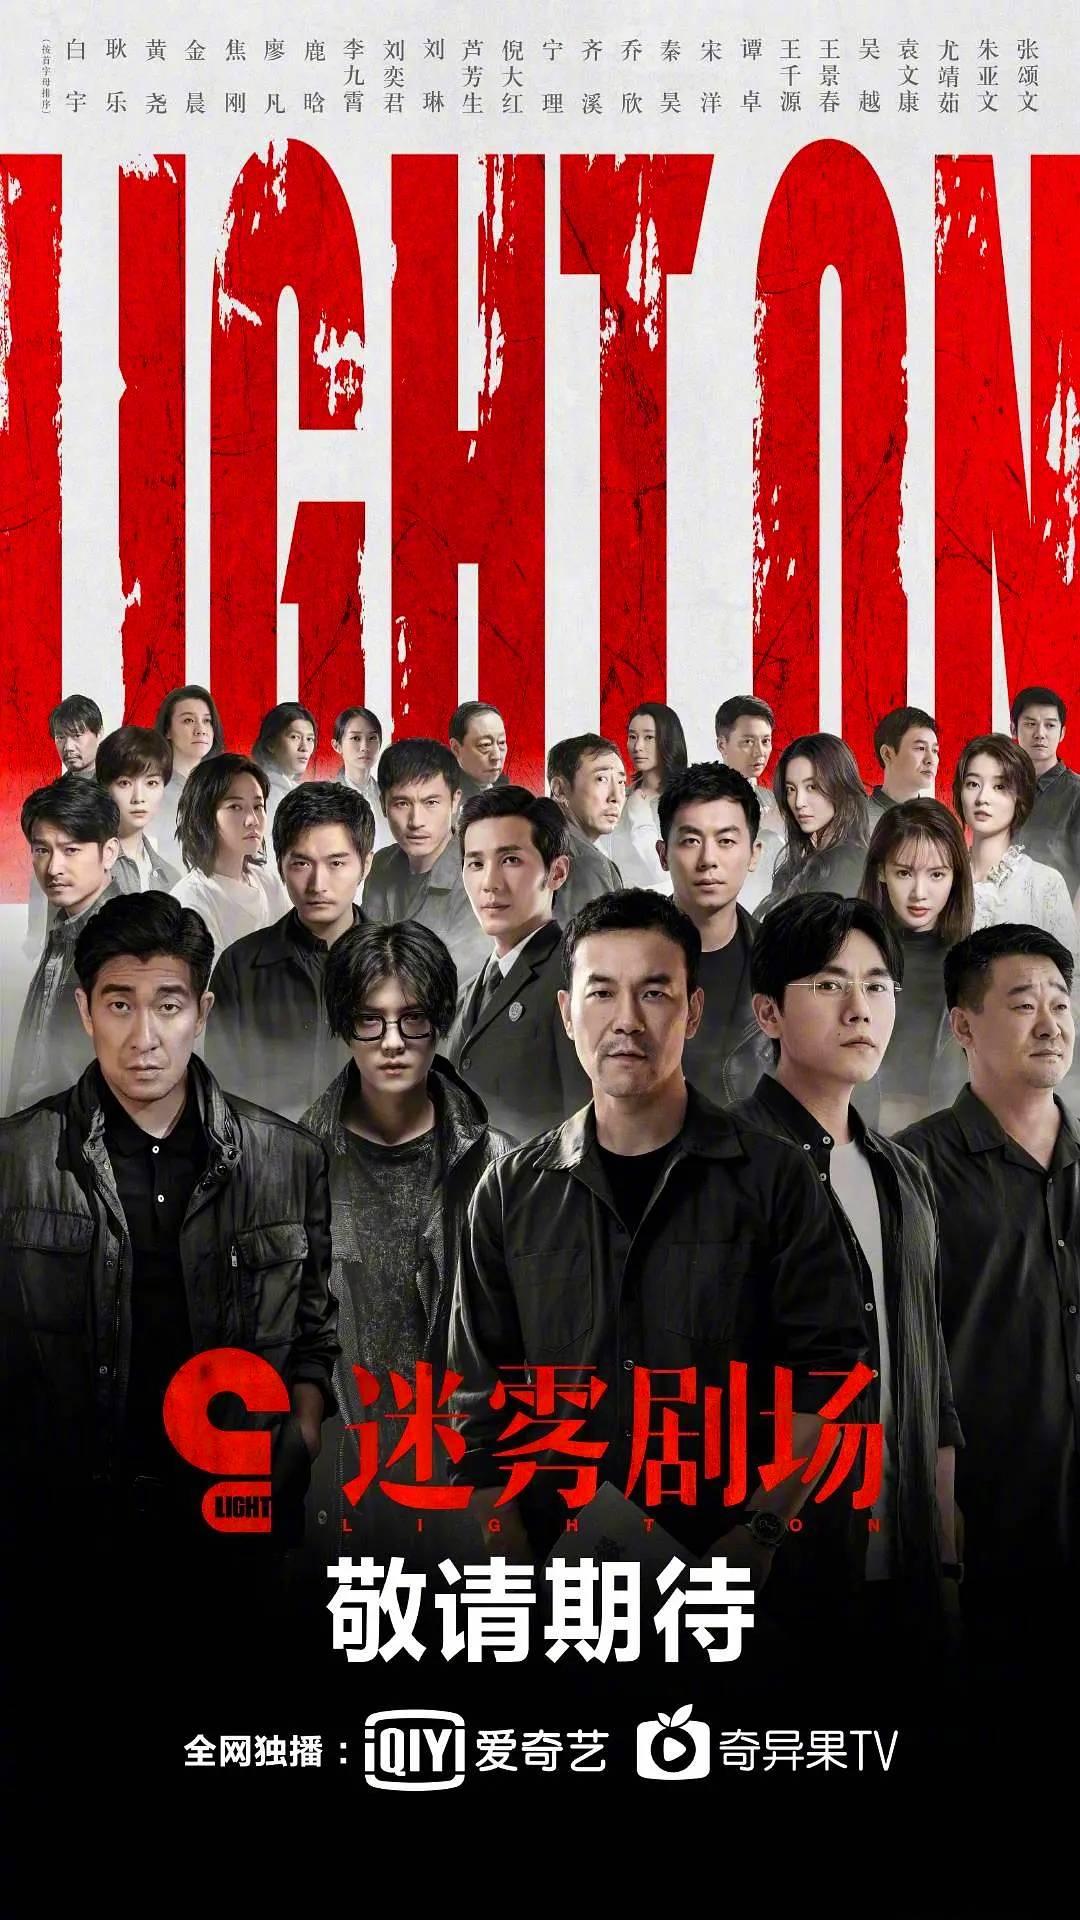 科班演员撑起迷雾剧场,廖凡宁理王千源瞩目,还有一位童年男神